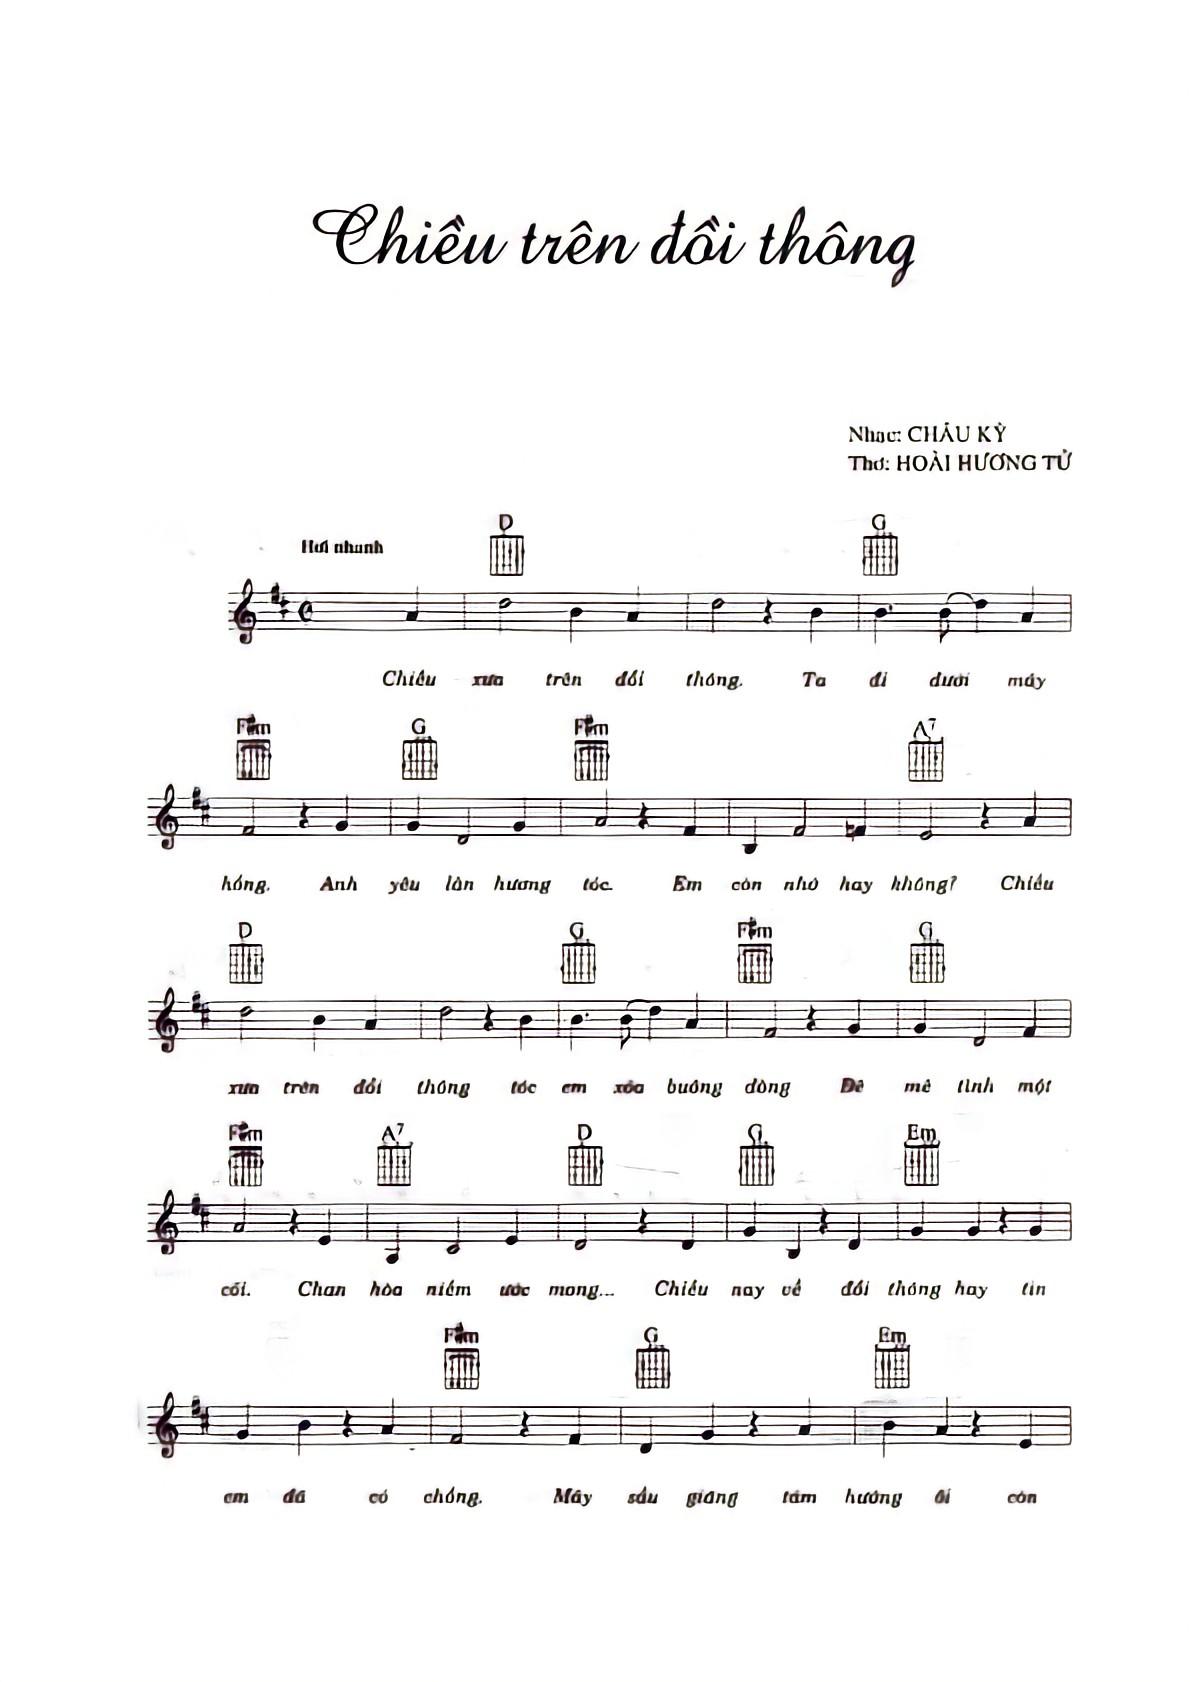 Sheet nhac Chieu-tren-doi-thong-01.jpg